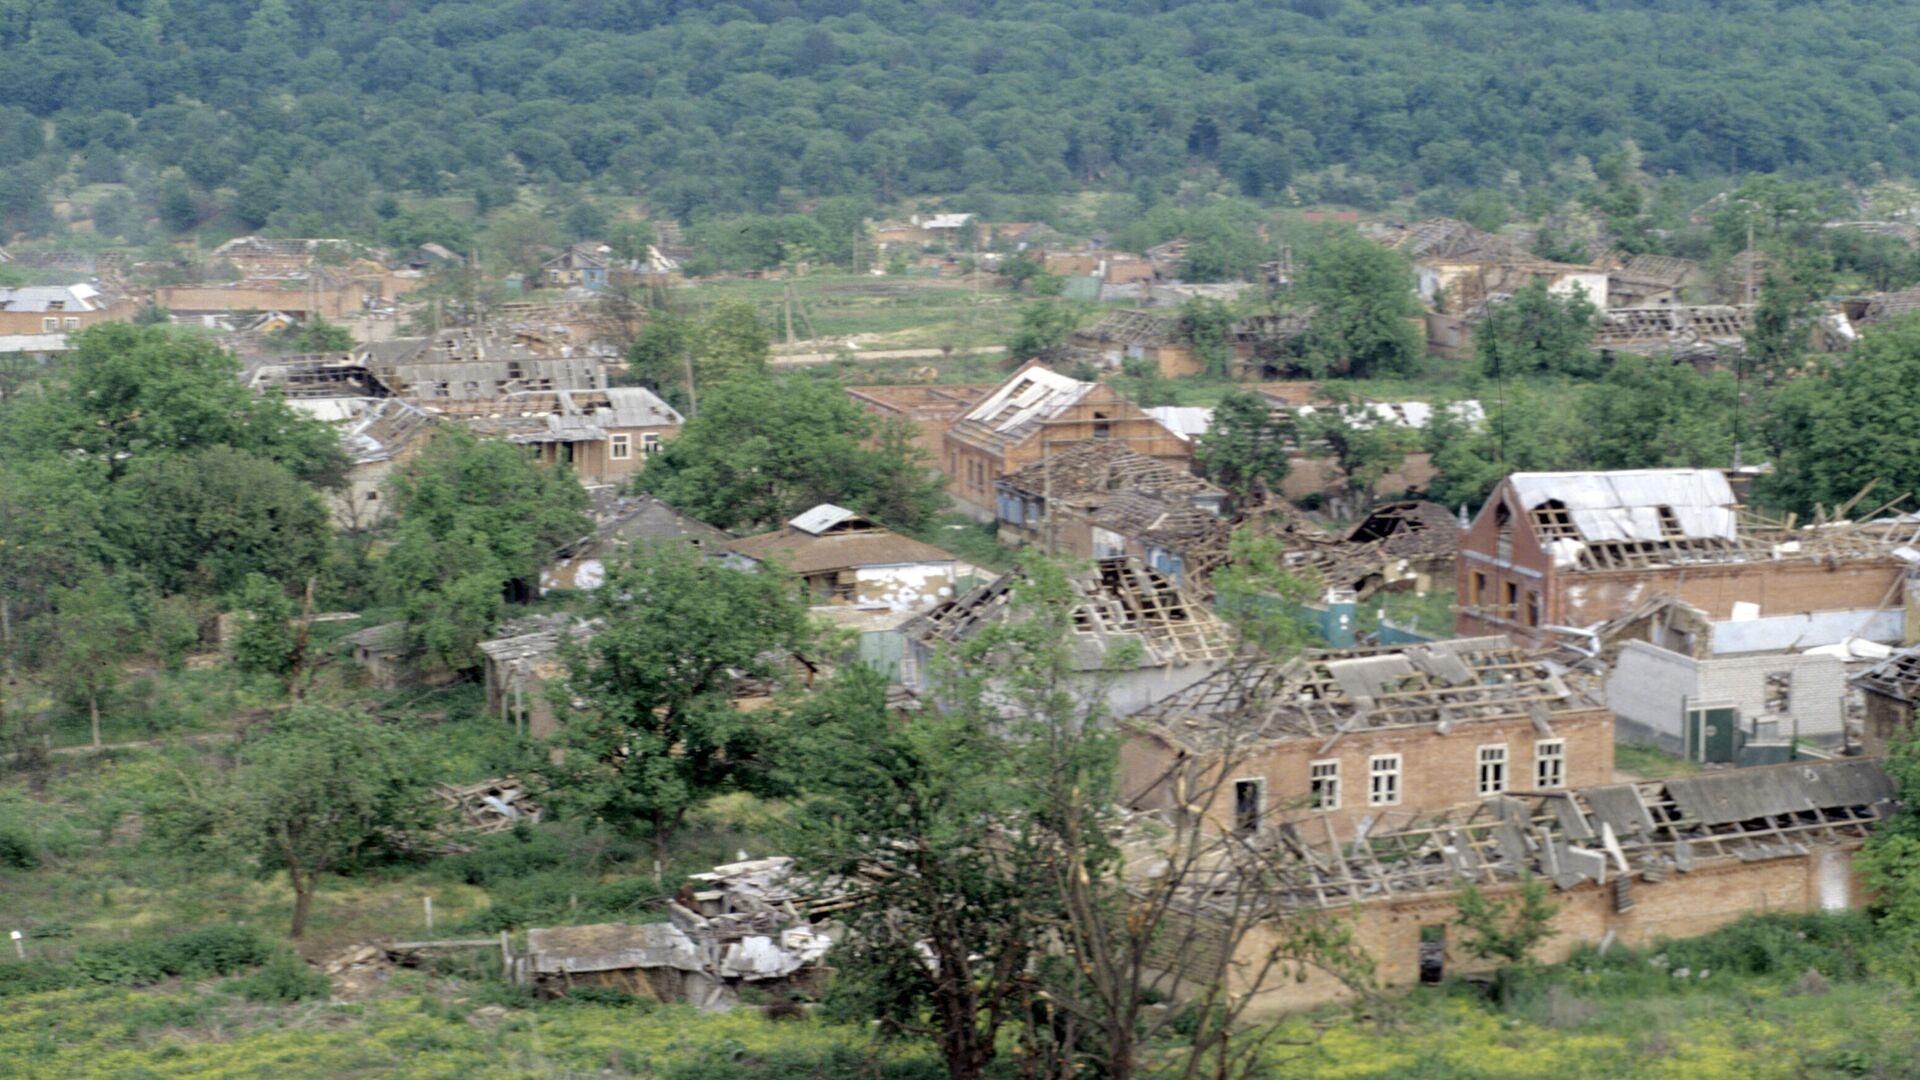 Вид поселка Бамут в Чечне после проведенных в нем боевых действий. - РИА Новости, 1920, 30.09.2021